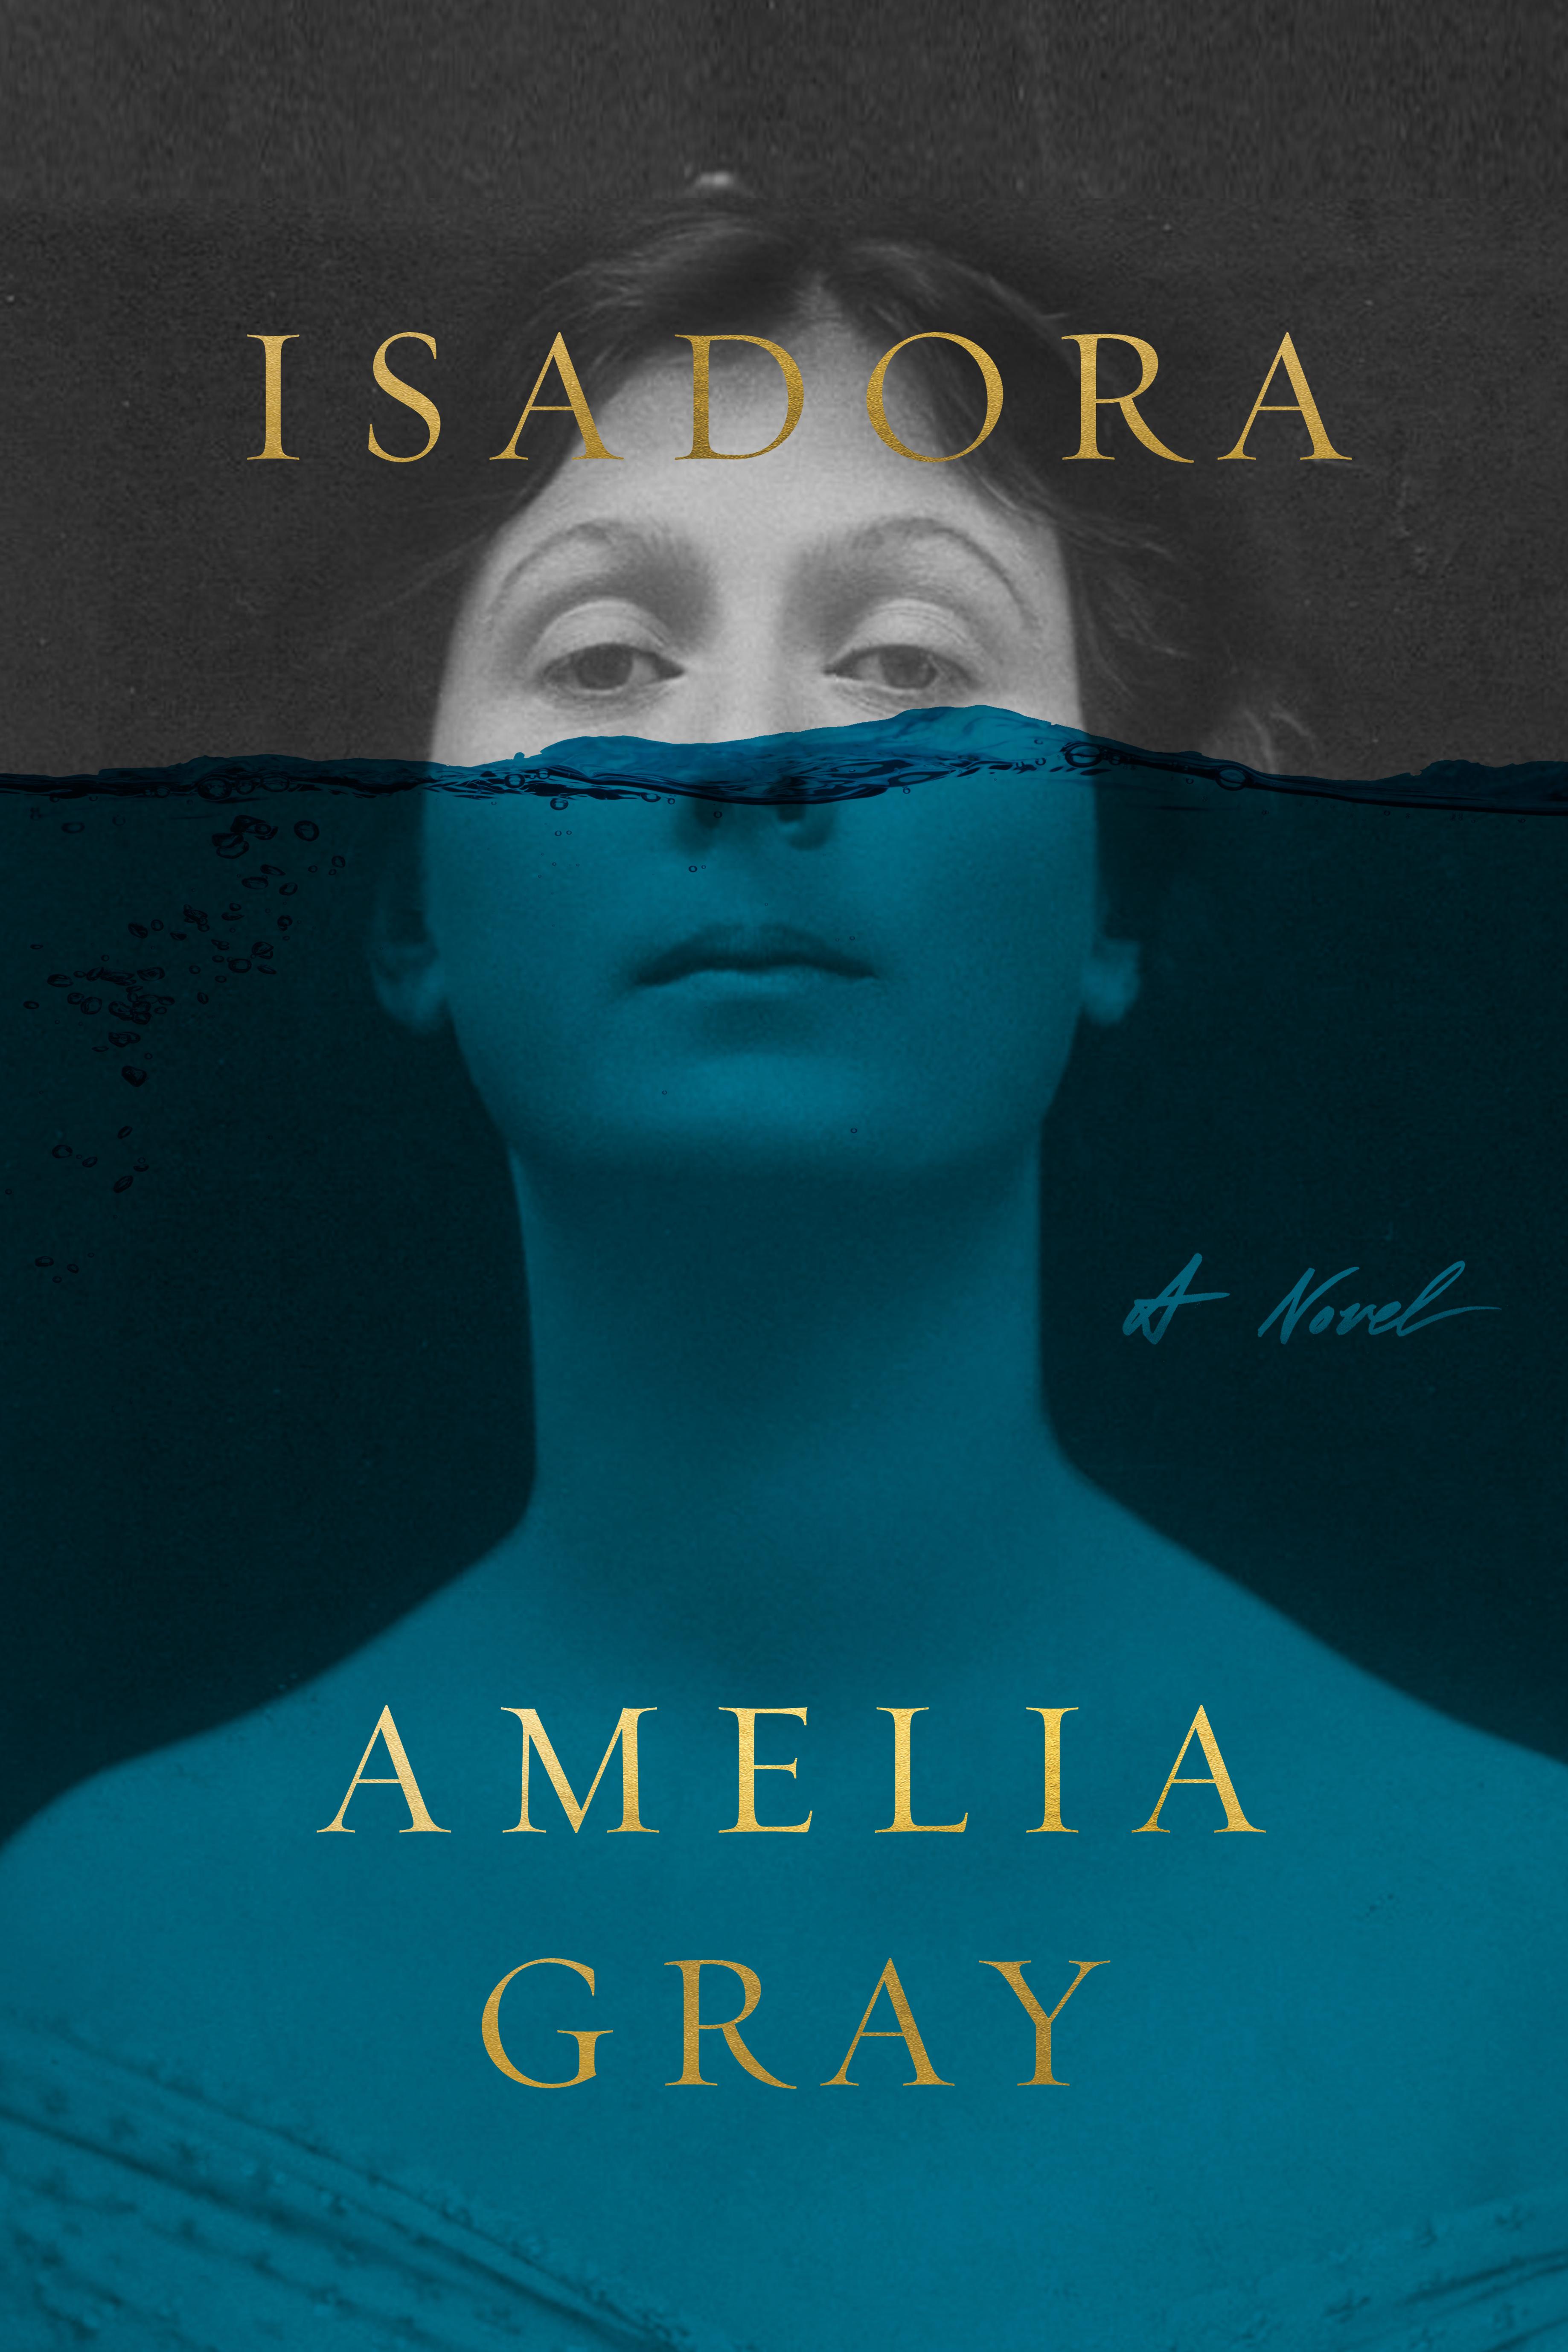 Category: Biography & Memoir | Blog | Raincoast Books